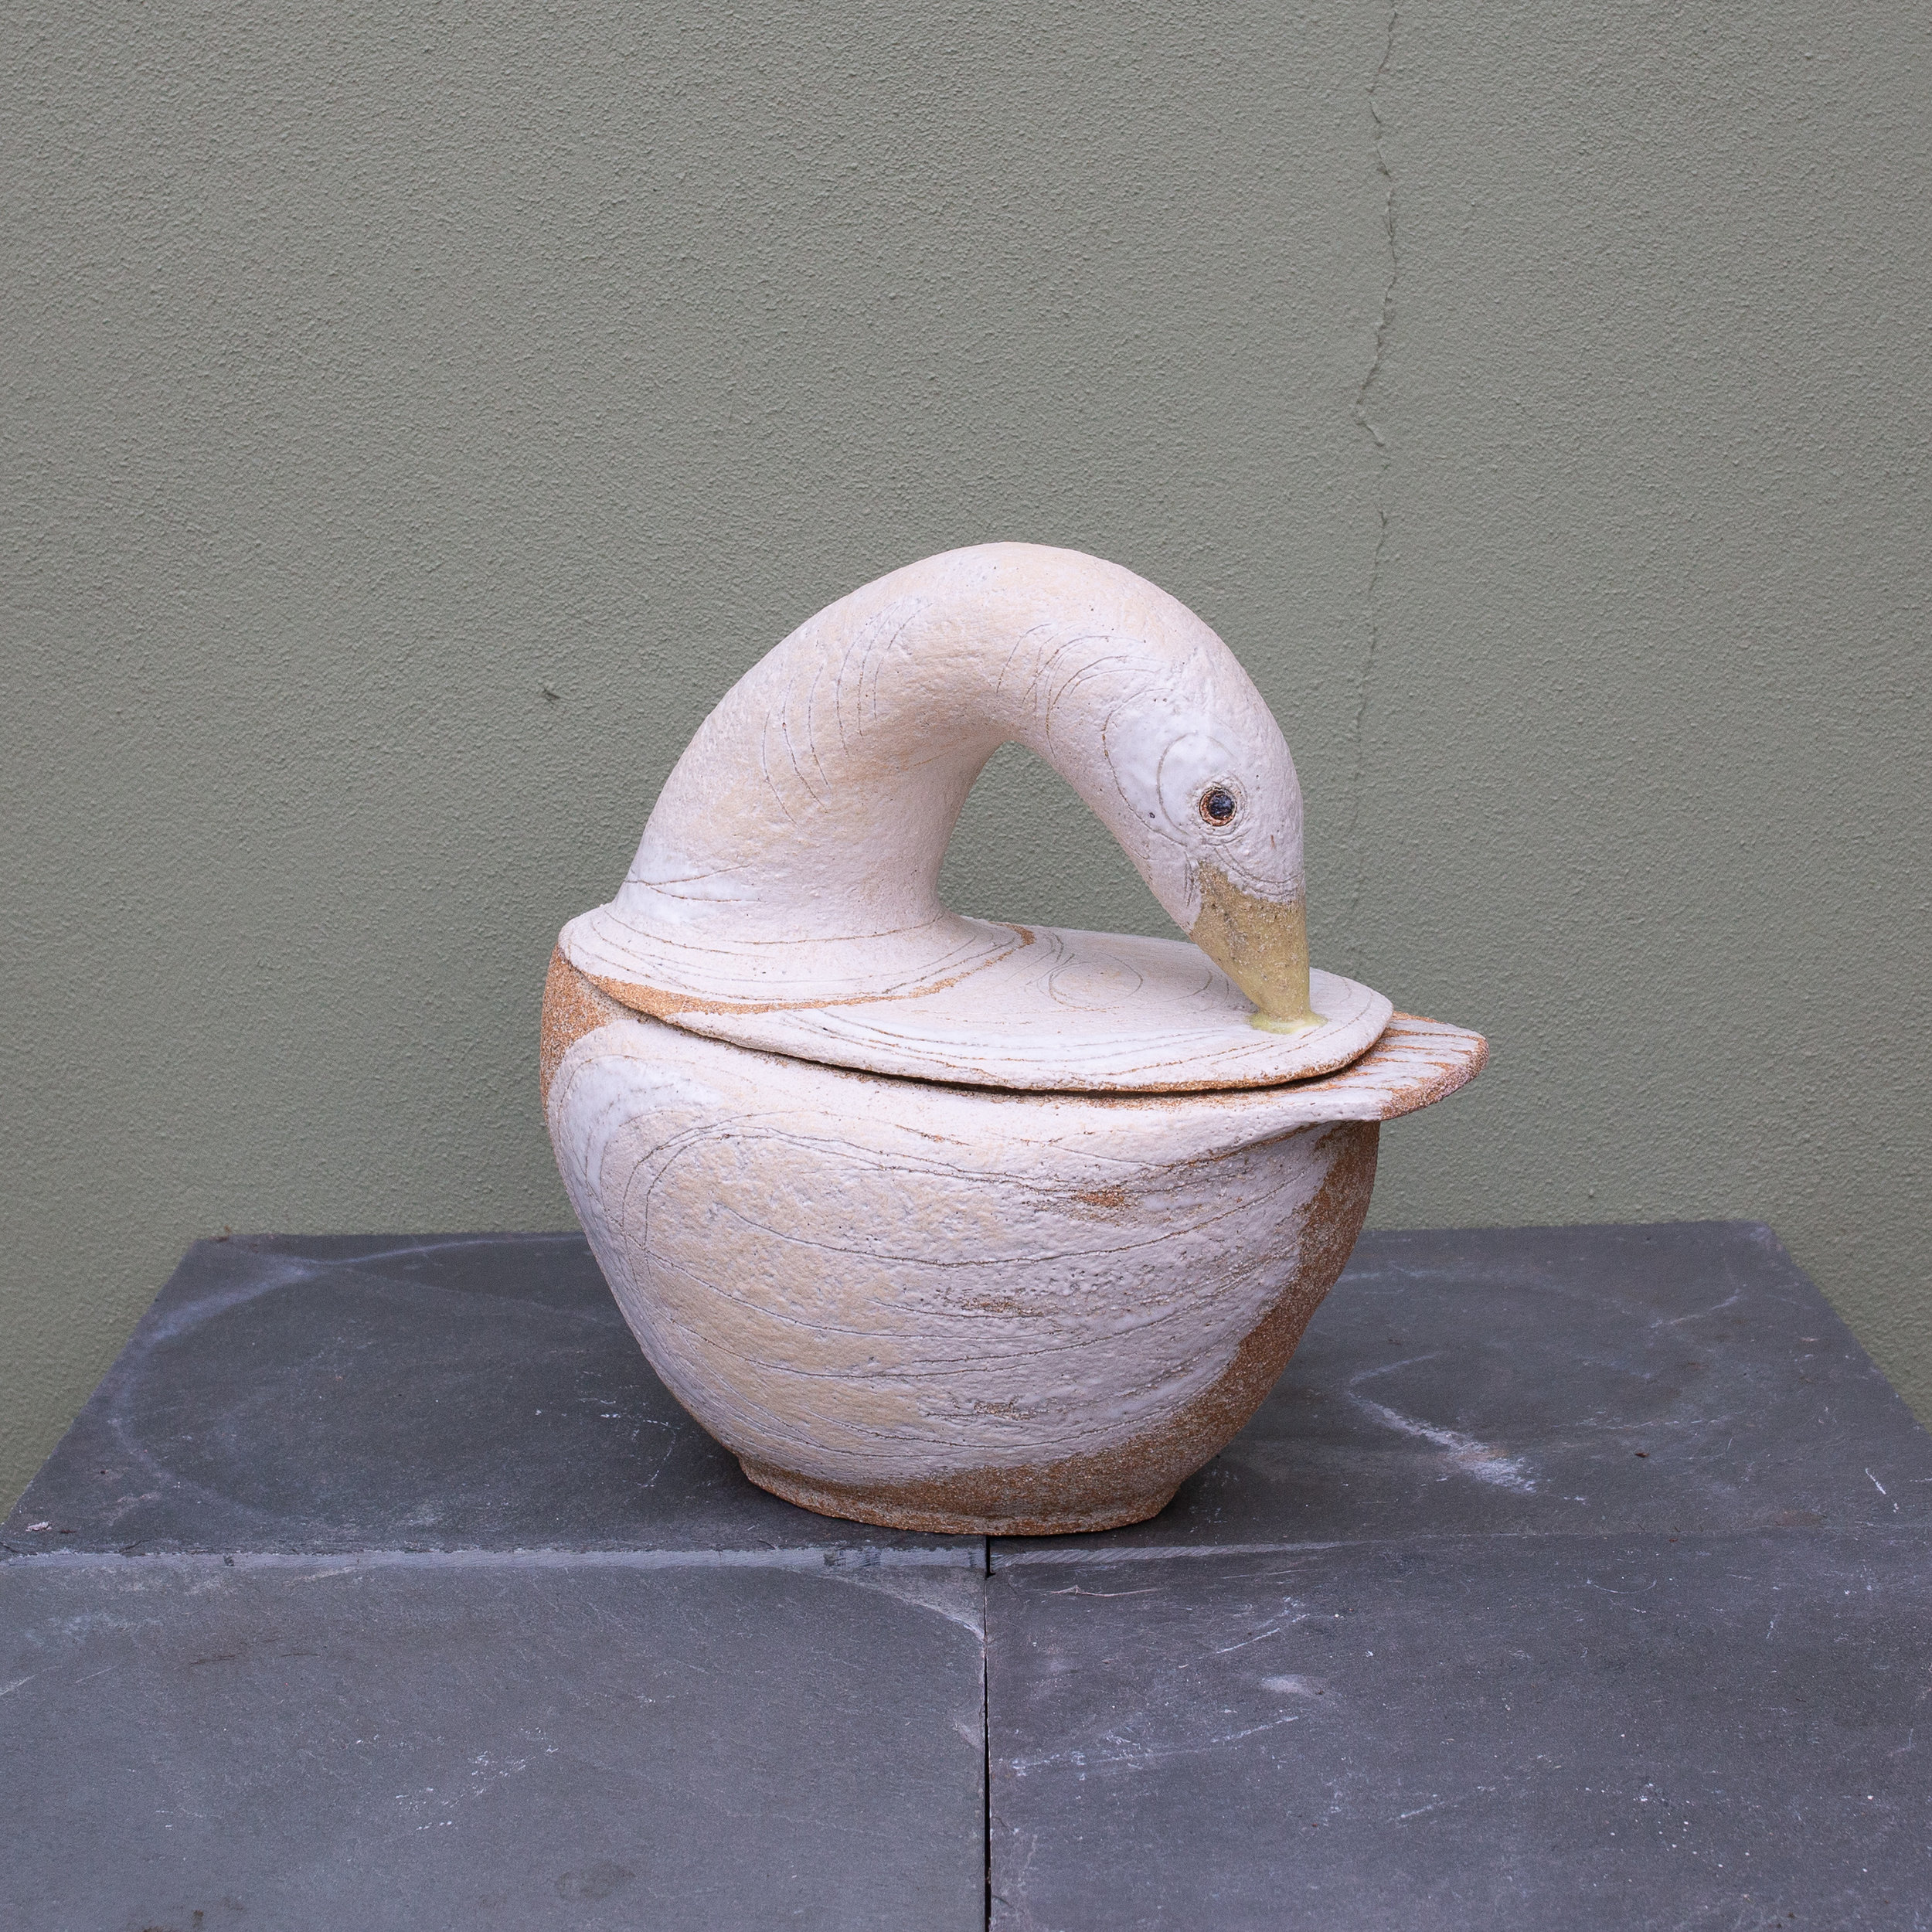 Goose jar photo.jpg